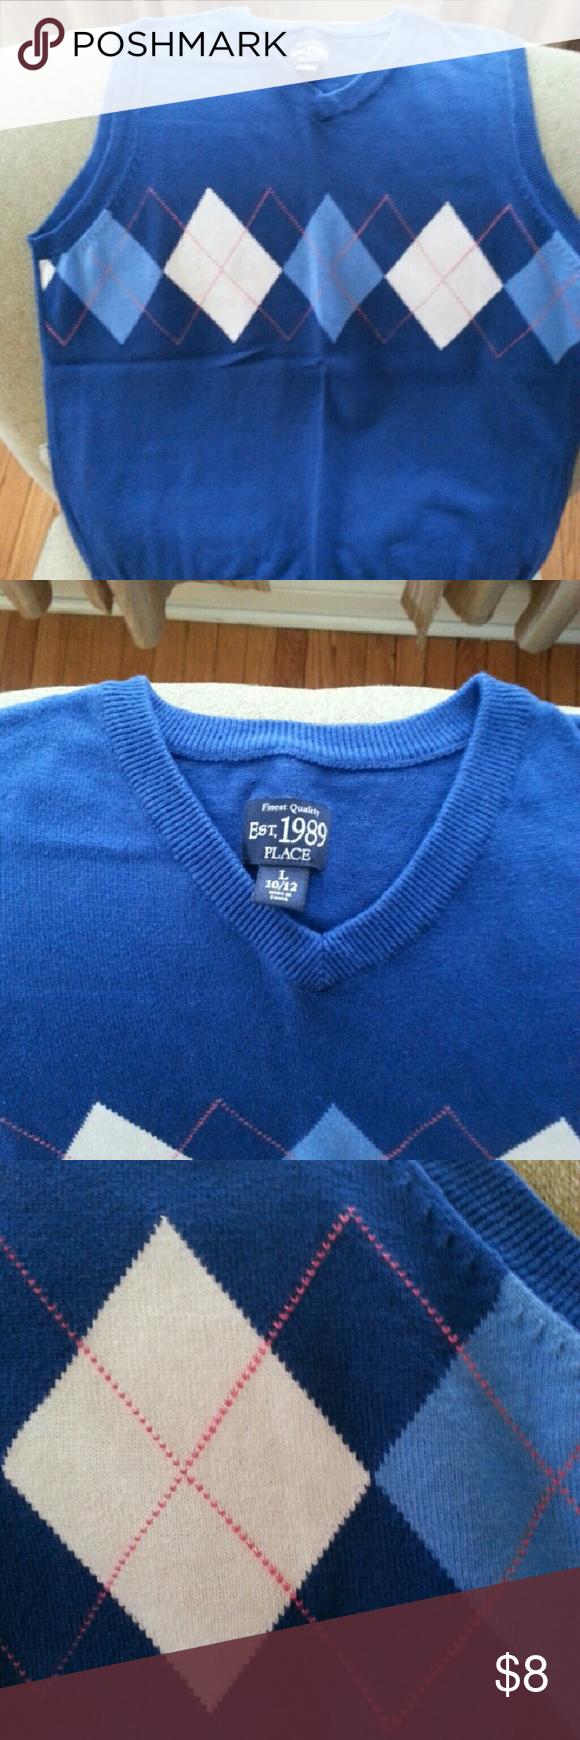 CHILDREN'S PLACE SWEATER VEST Big boys vest Children's Place Shirts & Tops Sweaters